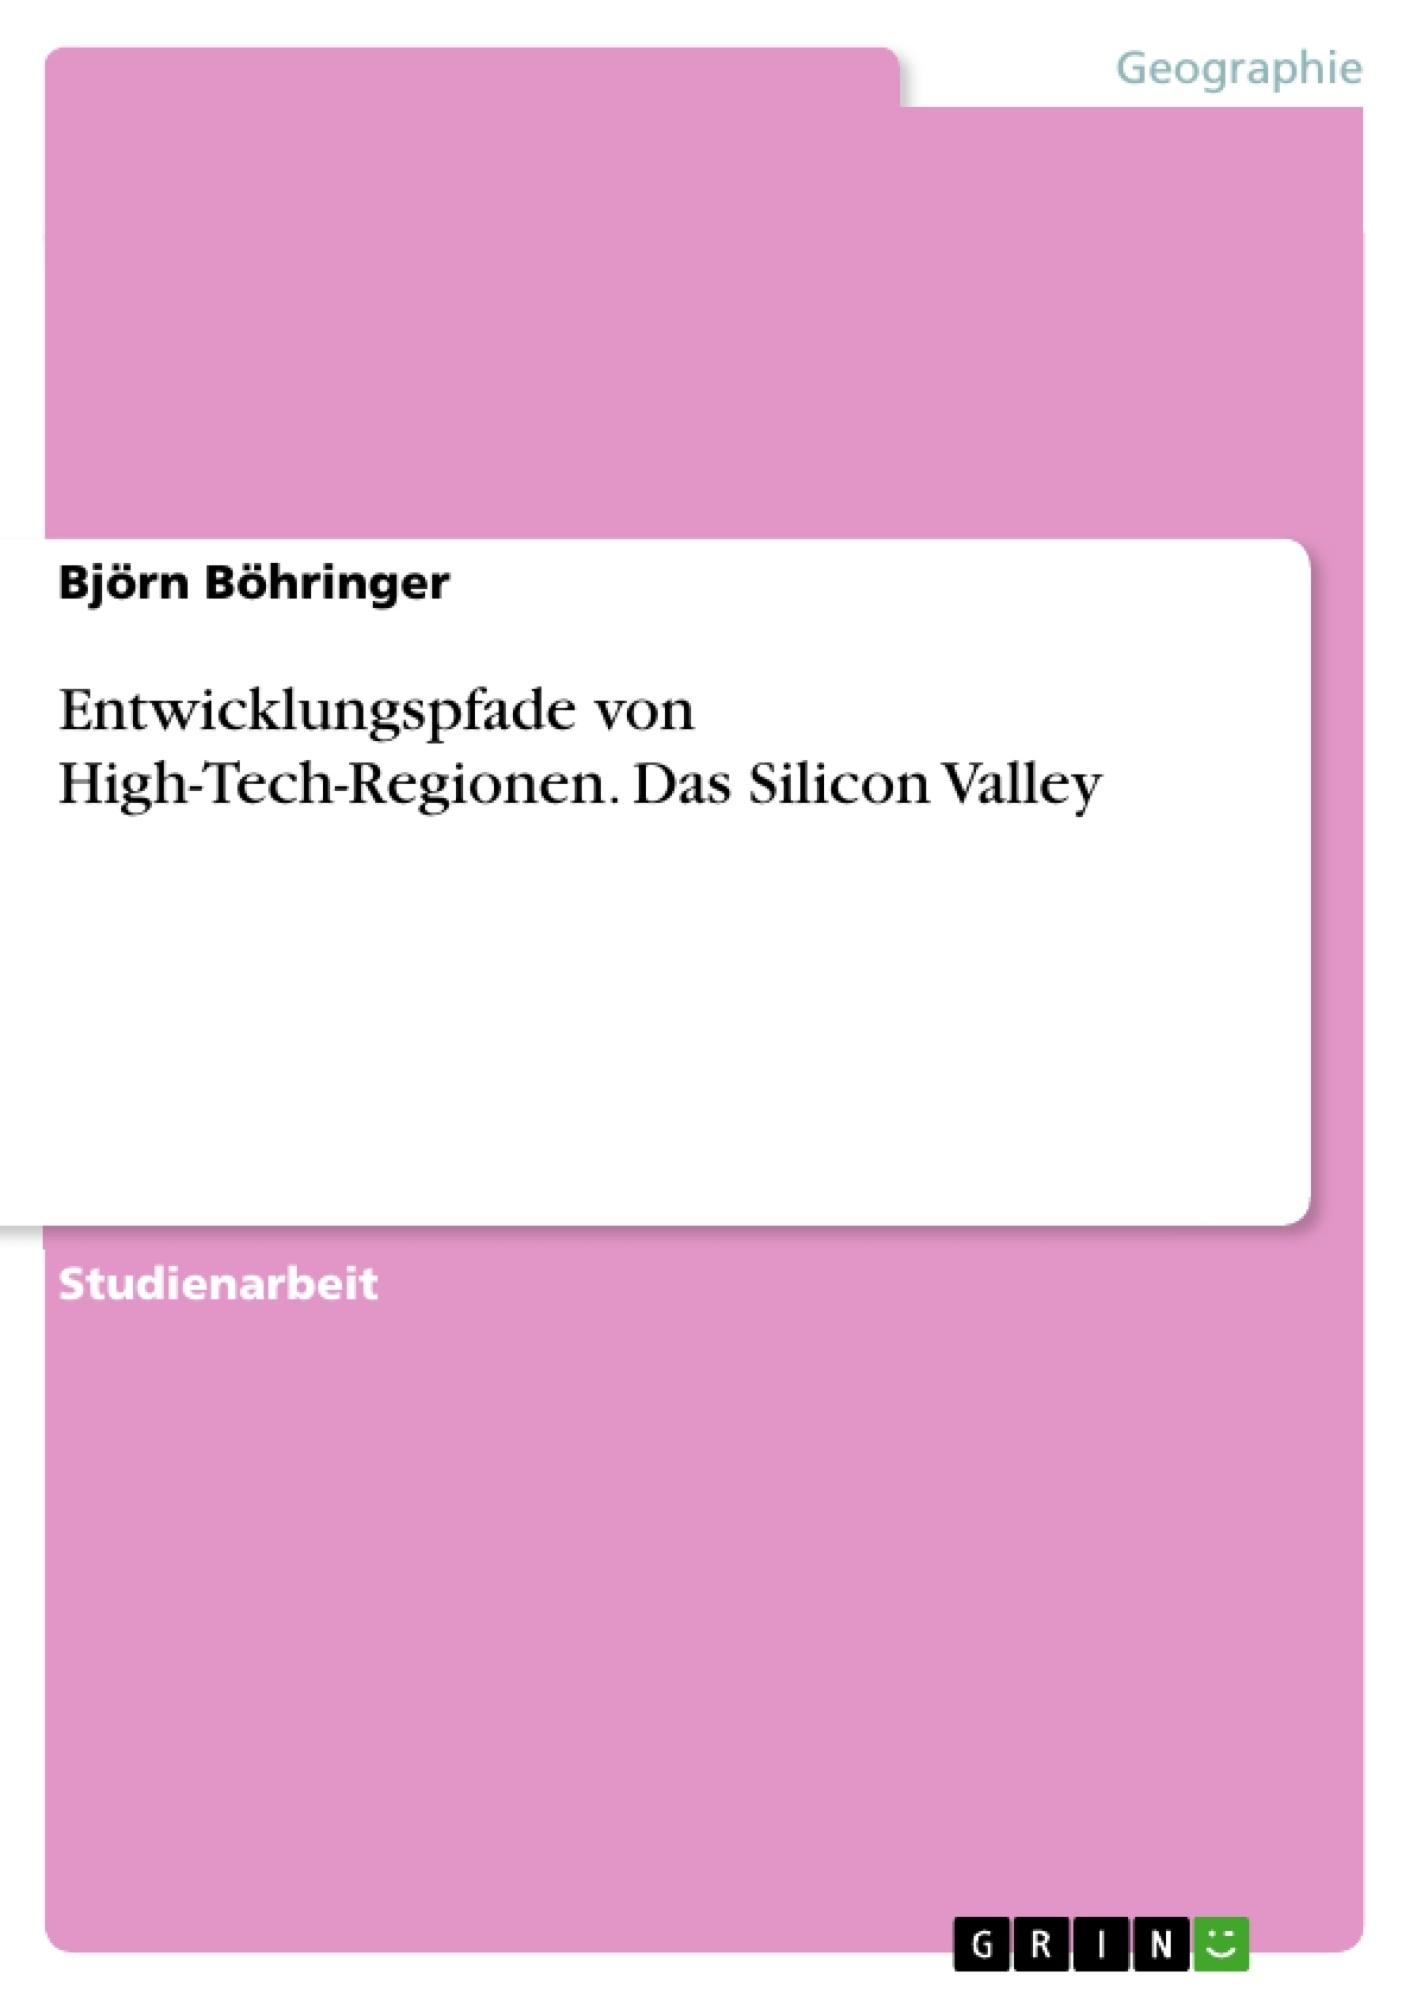 Titel: Entwicklungspfade von High-Tech-Regionen. Das Silicon Valley